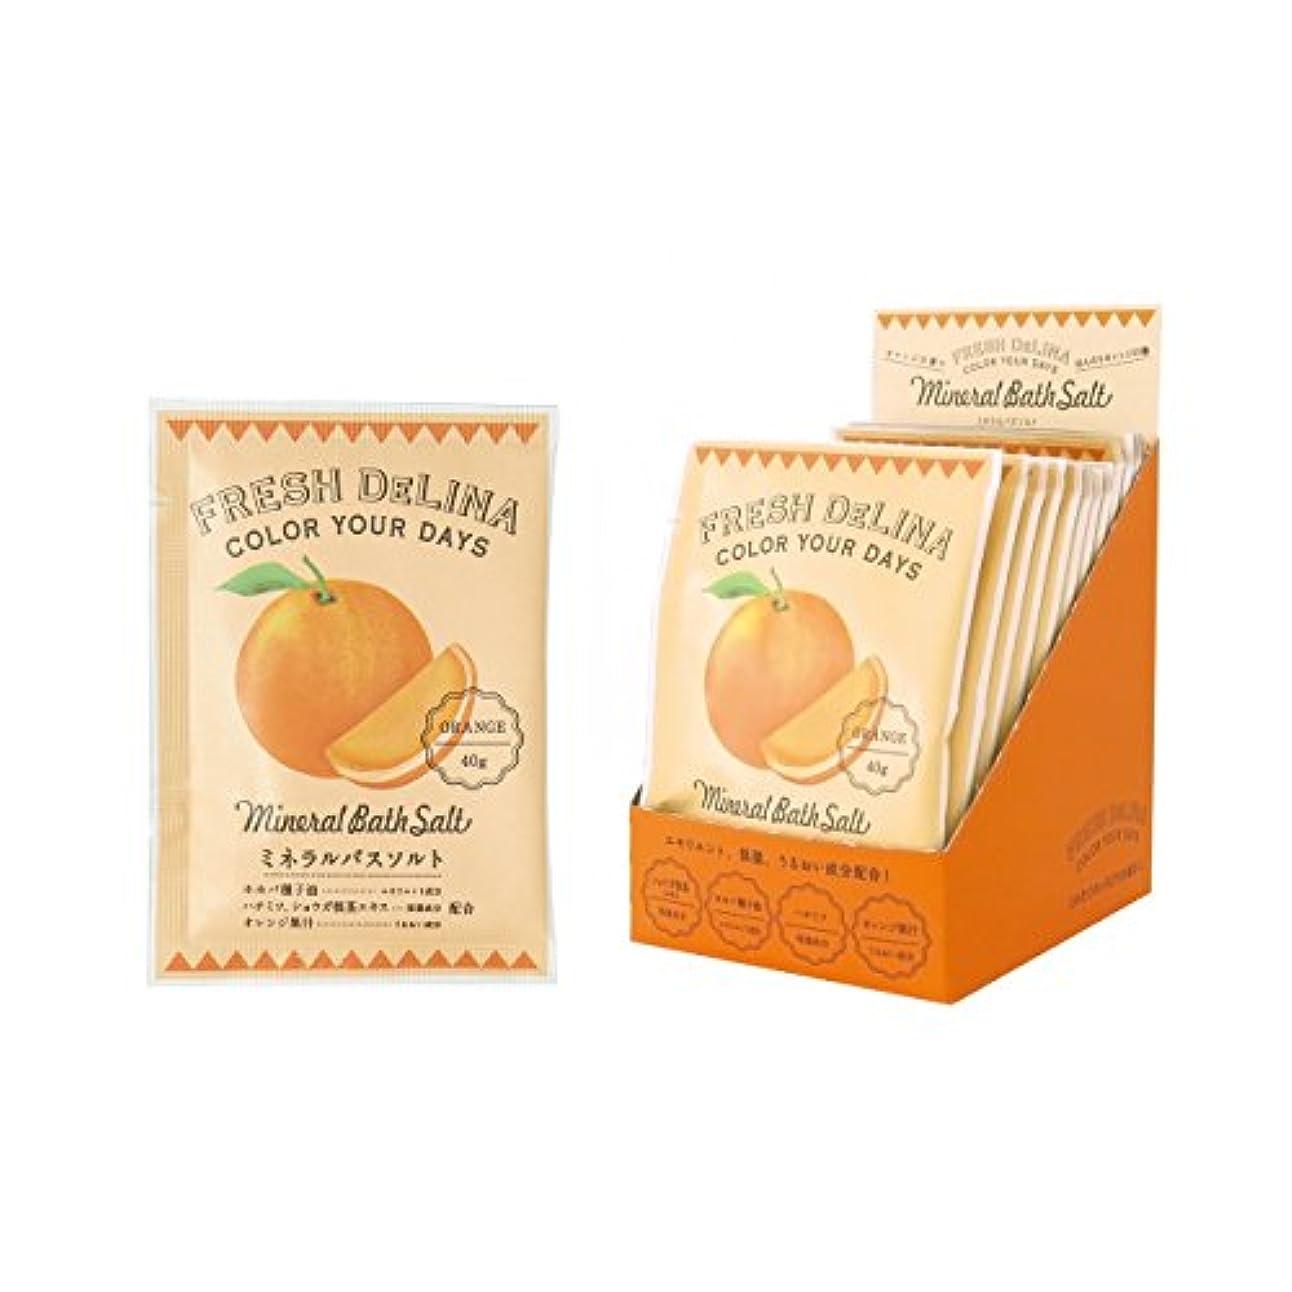 本体毒液ドックフレッシュデリーナ ミネラルバスソルト40g(オレンジ) 12個 (海塩タイプ入浴料 日本製 フレッシュな柑橘系の香り)